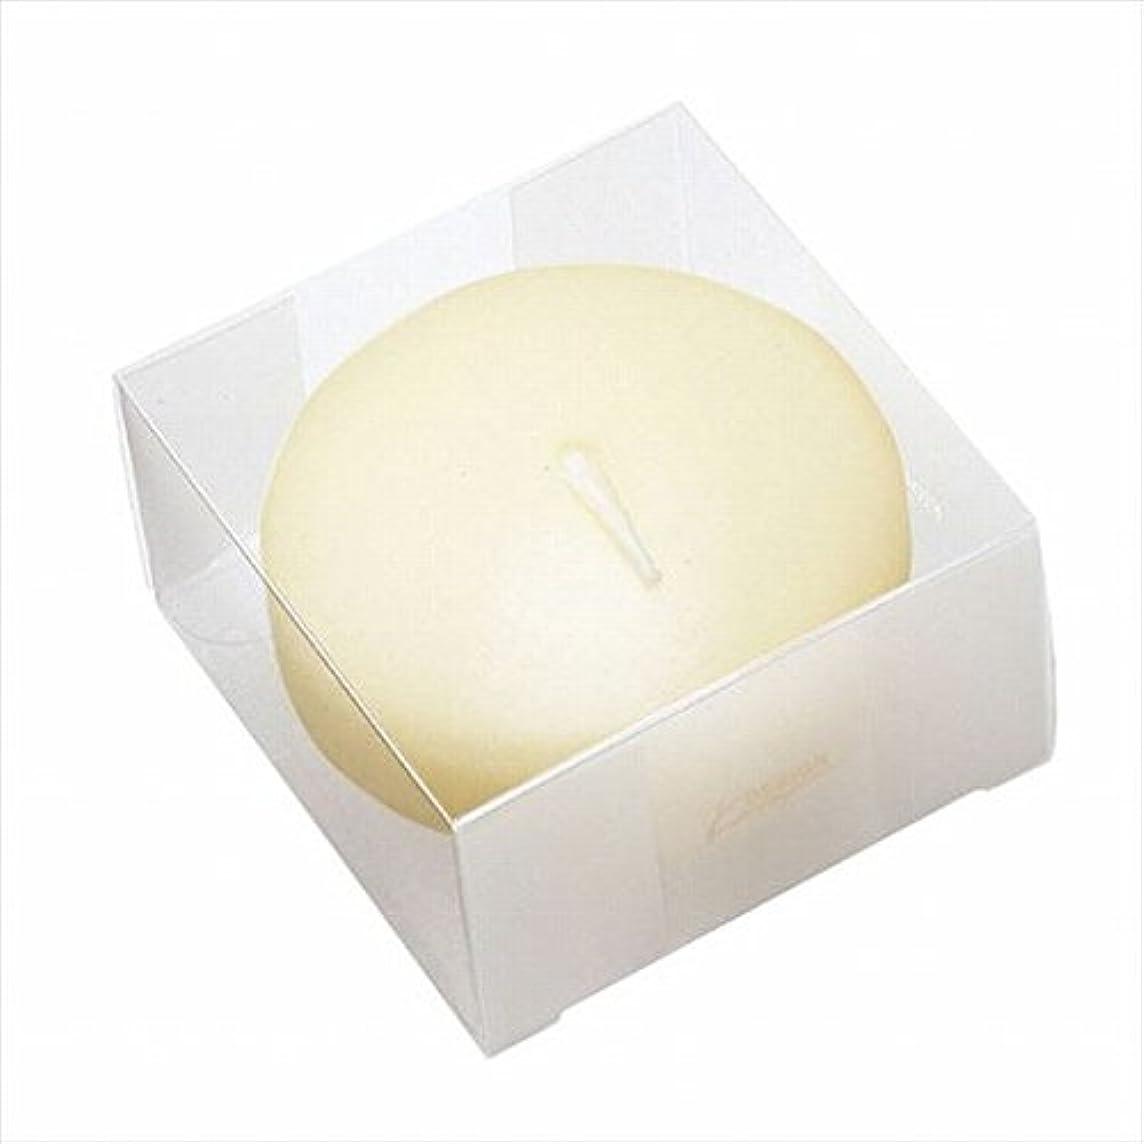 推測する非アクティブ湿度カメヤマキャンドル(kameyama candle) プール80(箱入り) 「 アイボリー 」